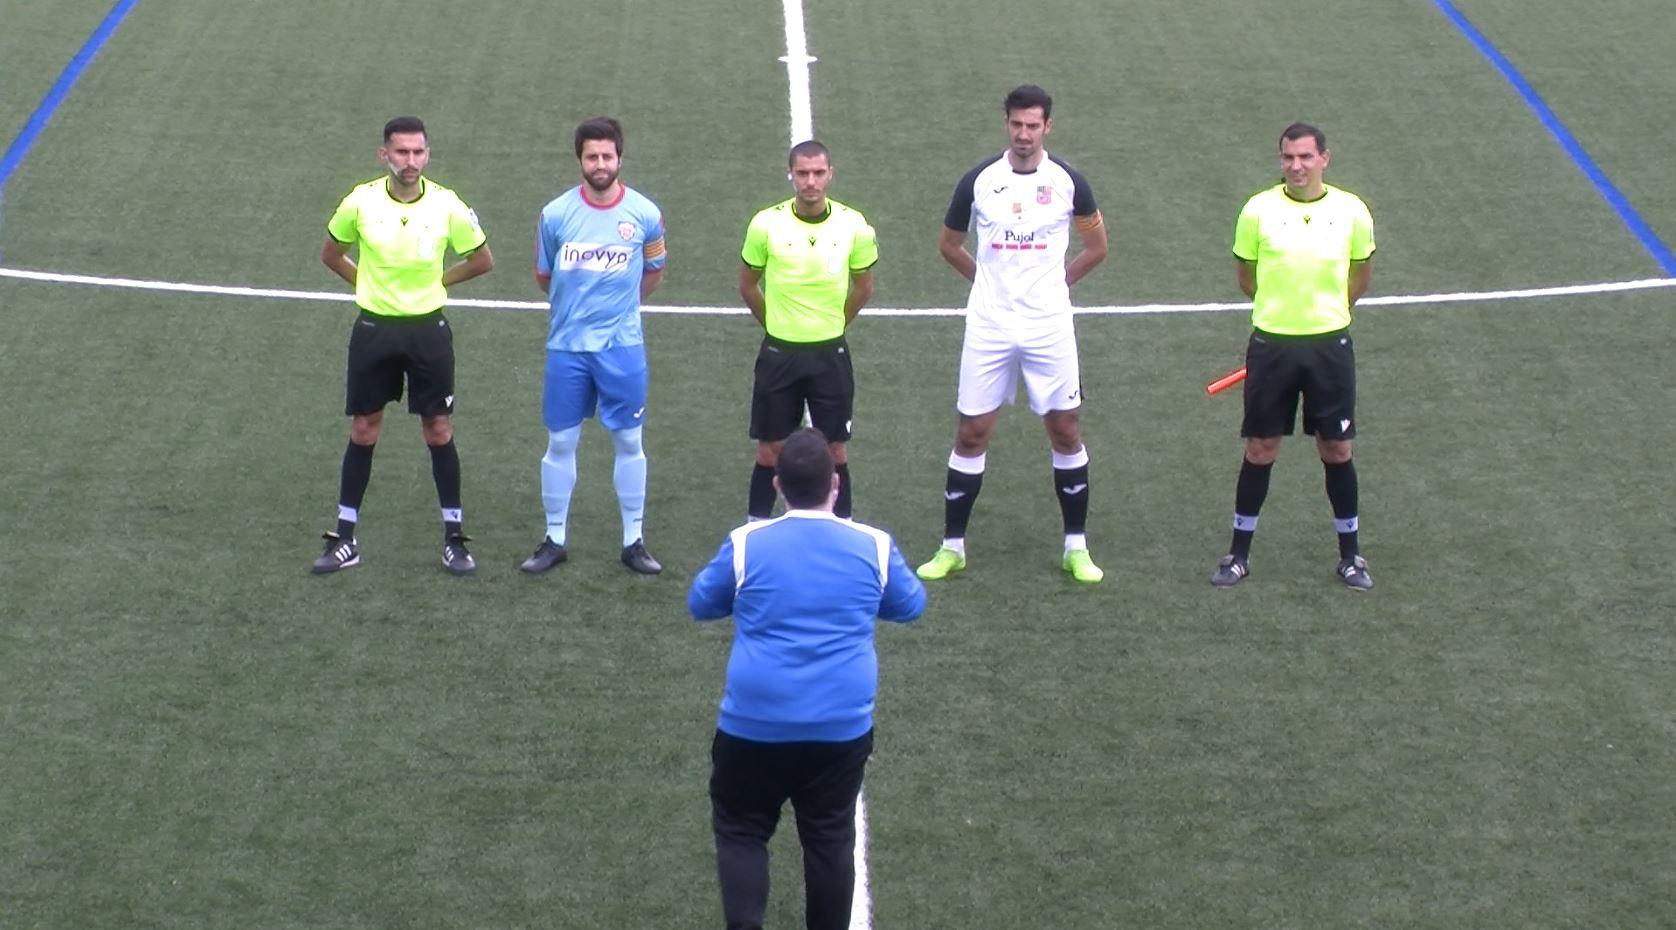 El FC Borges pateix però aconsegueix vèncer el Martorell per la mínima